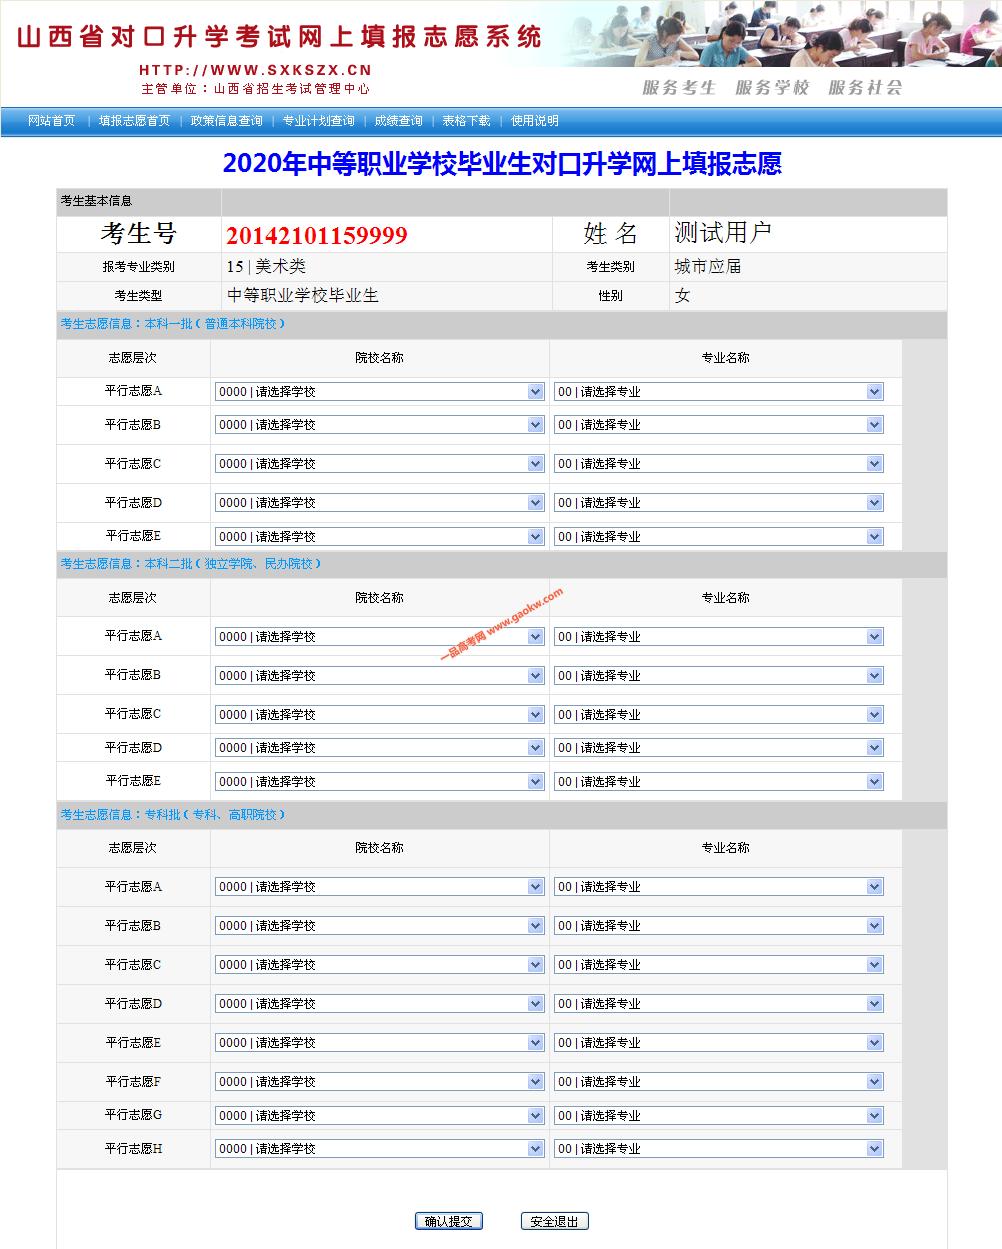 山西省2020对口升学考试网上填报志愿系统使用说明3